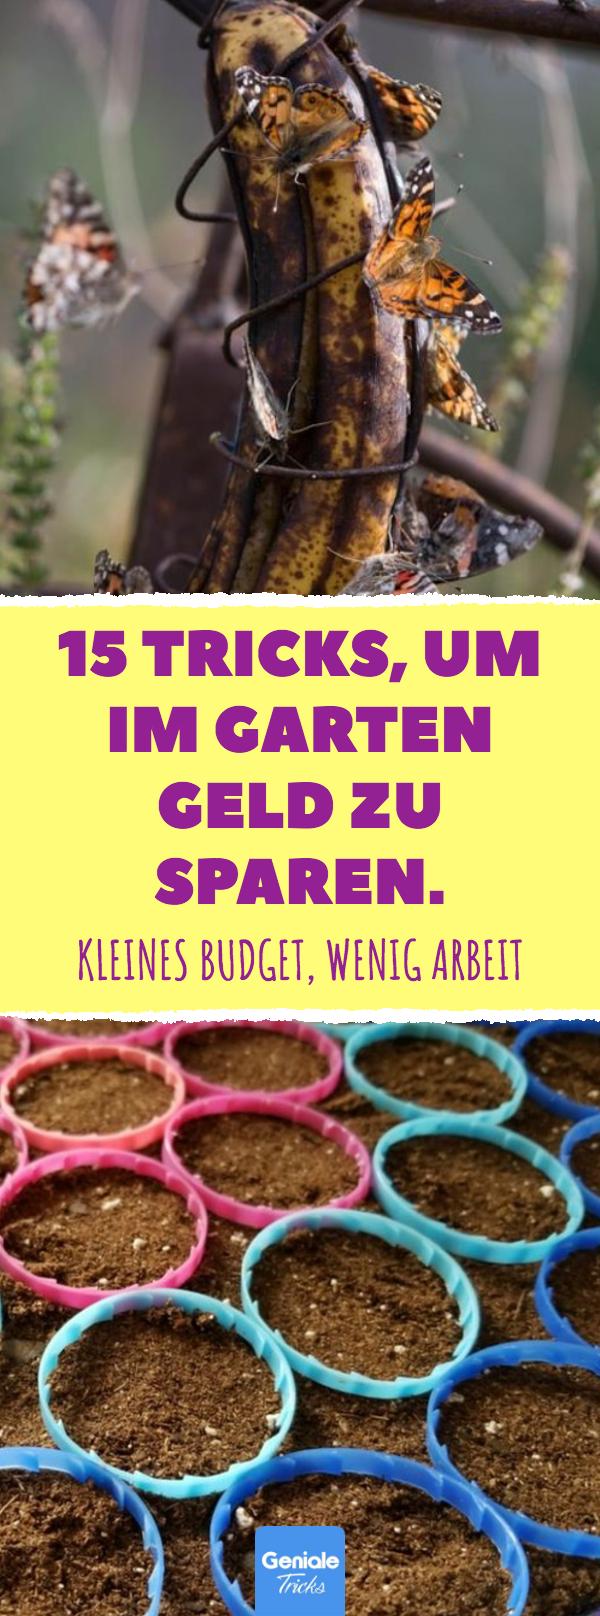 15 Tricks, um im Garten Geld zu sparen